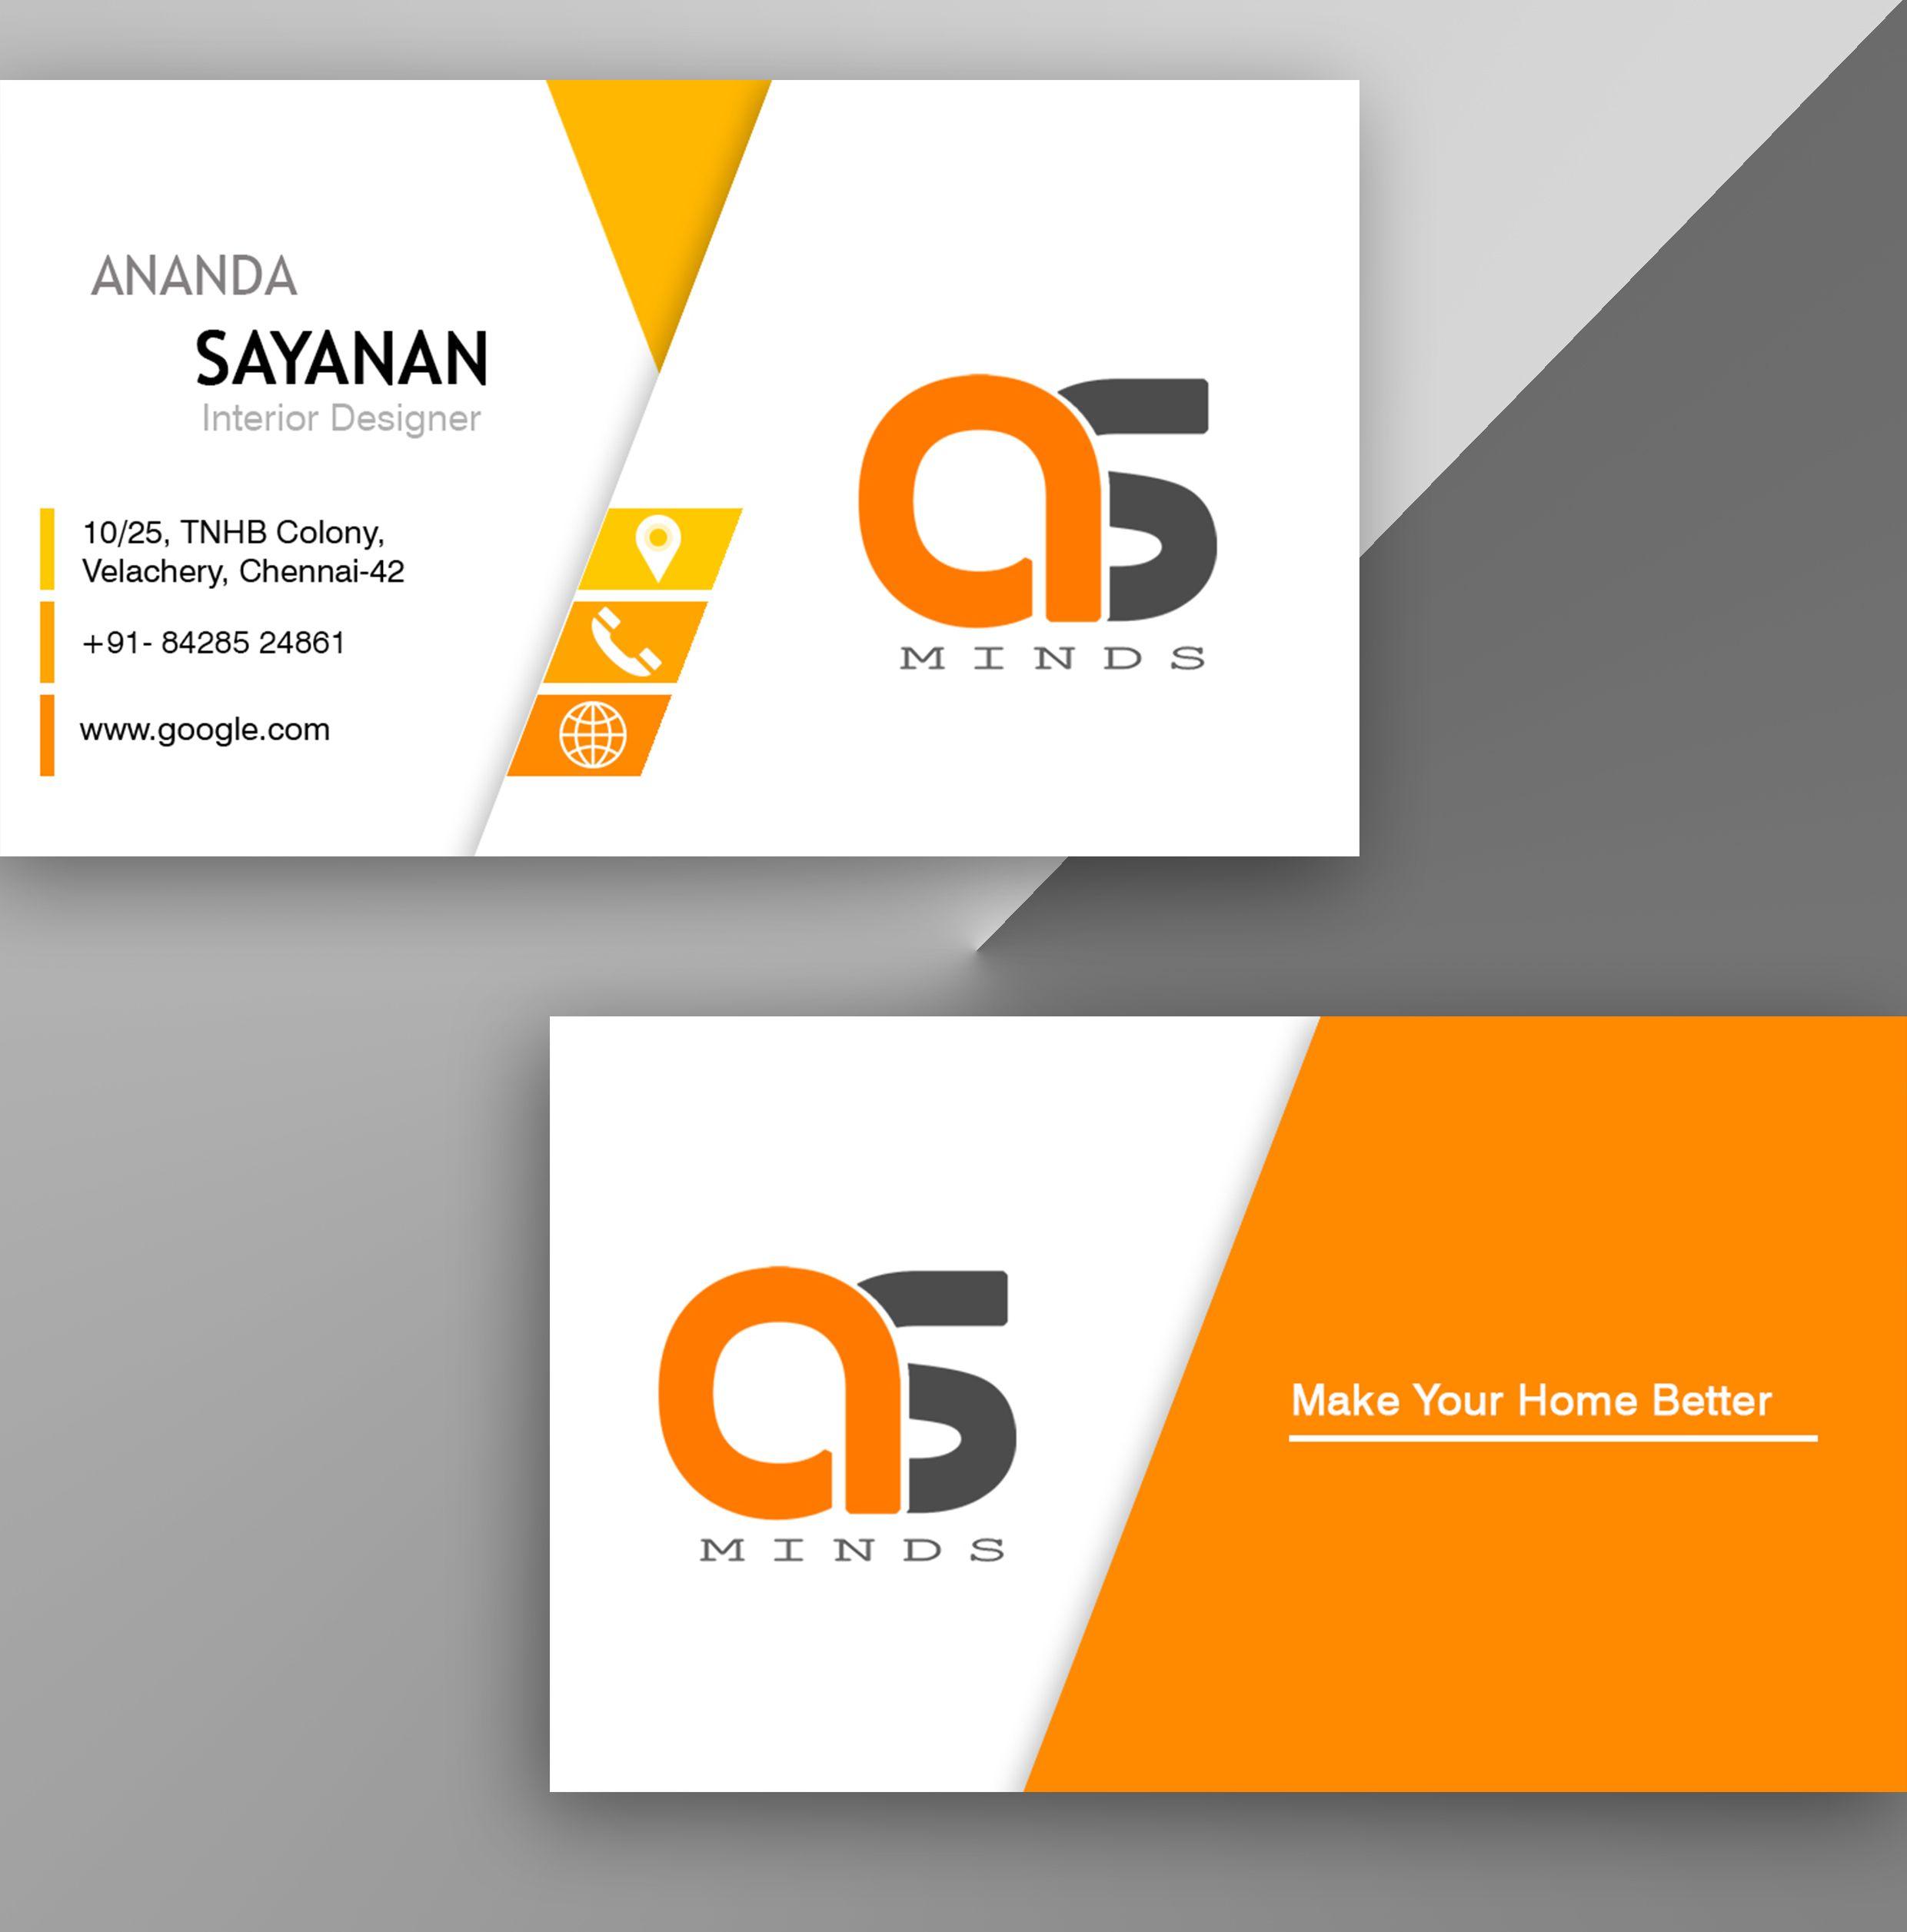 Business Card Ideas Best Business Card Visiting Card Design Creative Business Car Business Cards Creative Business Card Design Creative Visiting Card Design